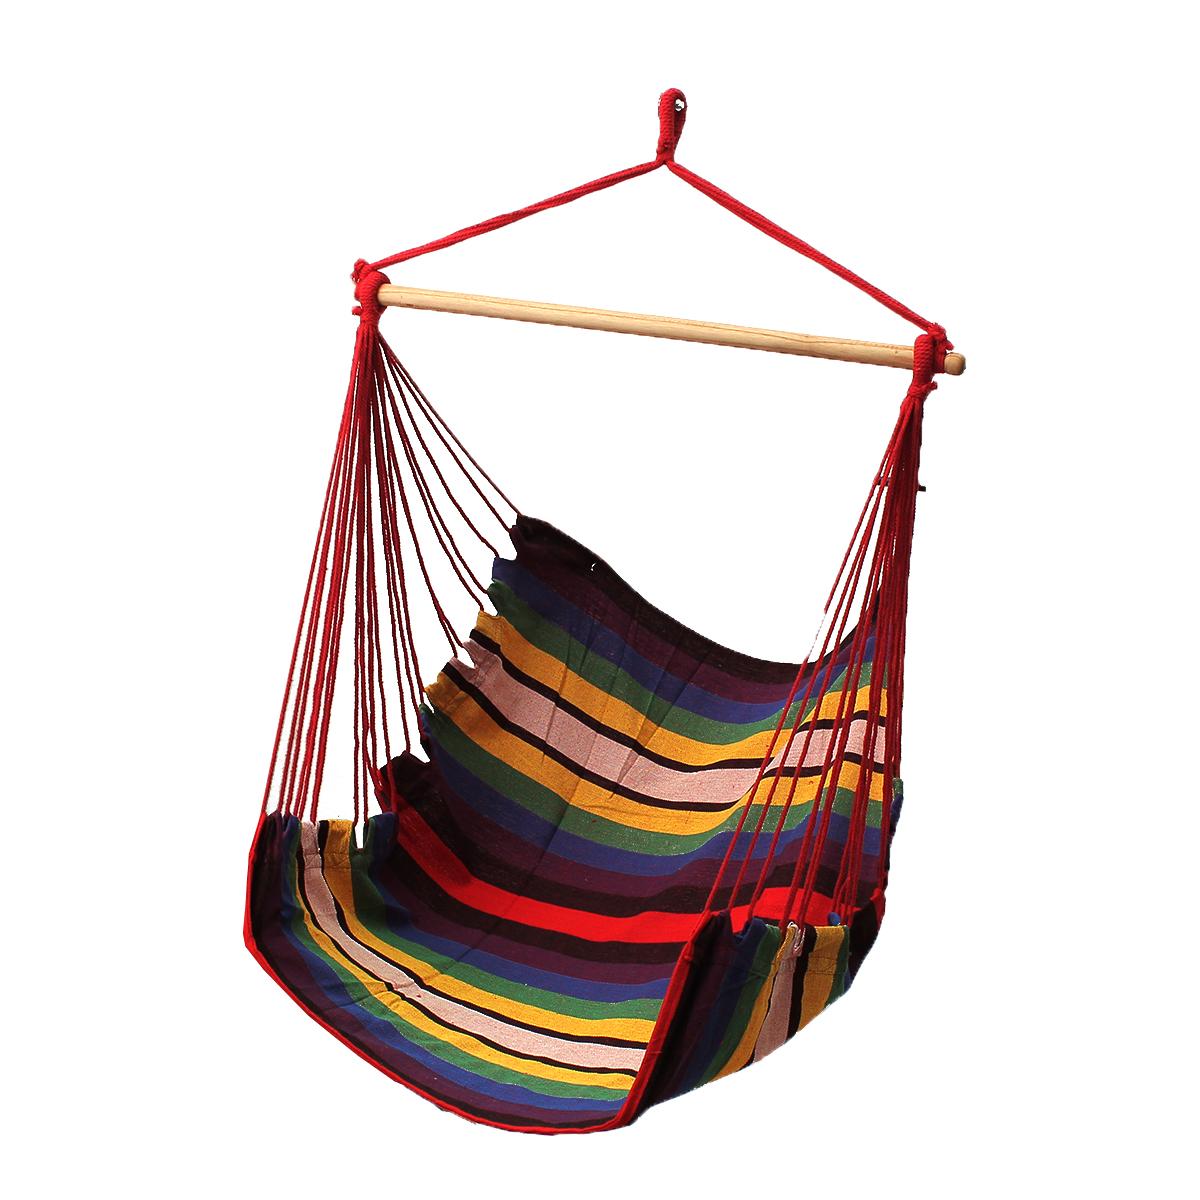 Garden Patio Hanging Thicken Hammock Chair Indoor Outdoor